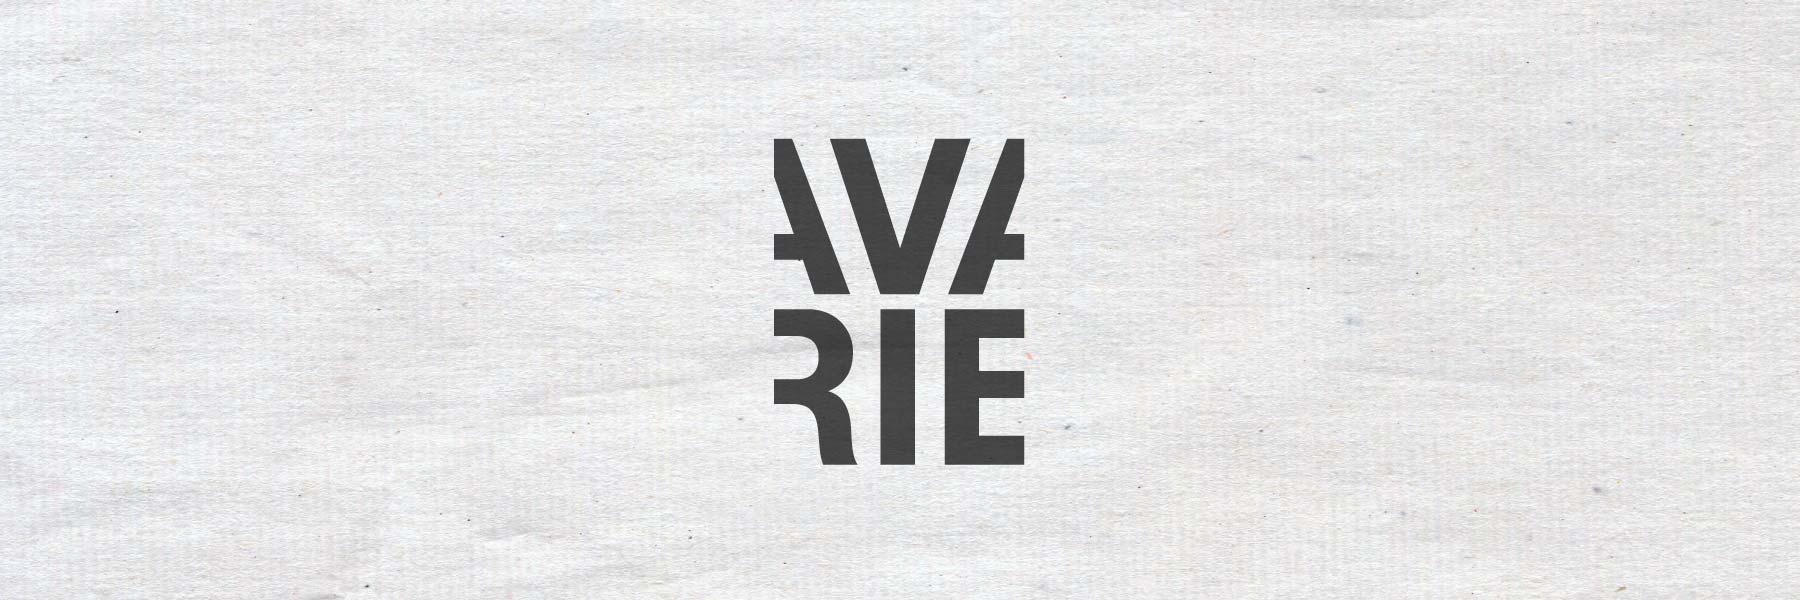 AVARIE logo